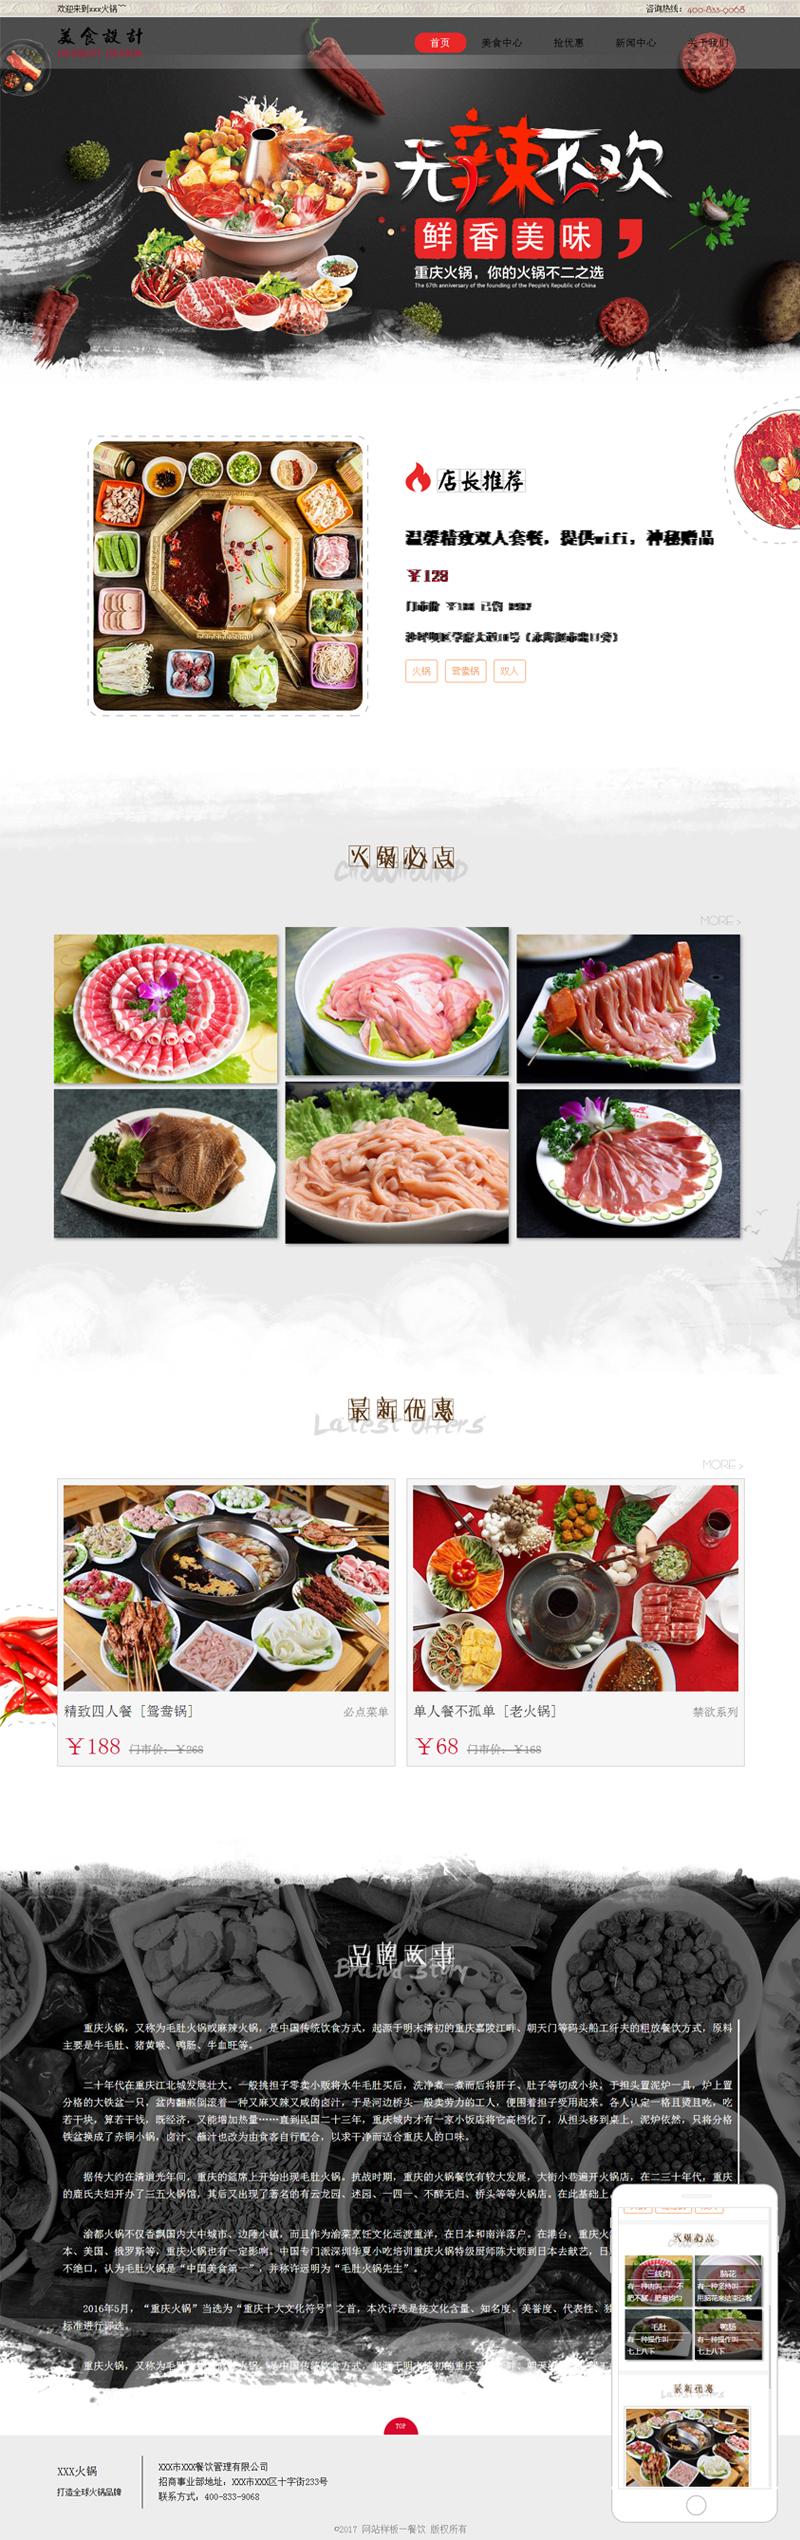 美食文化网站模板